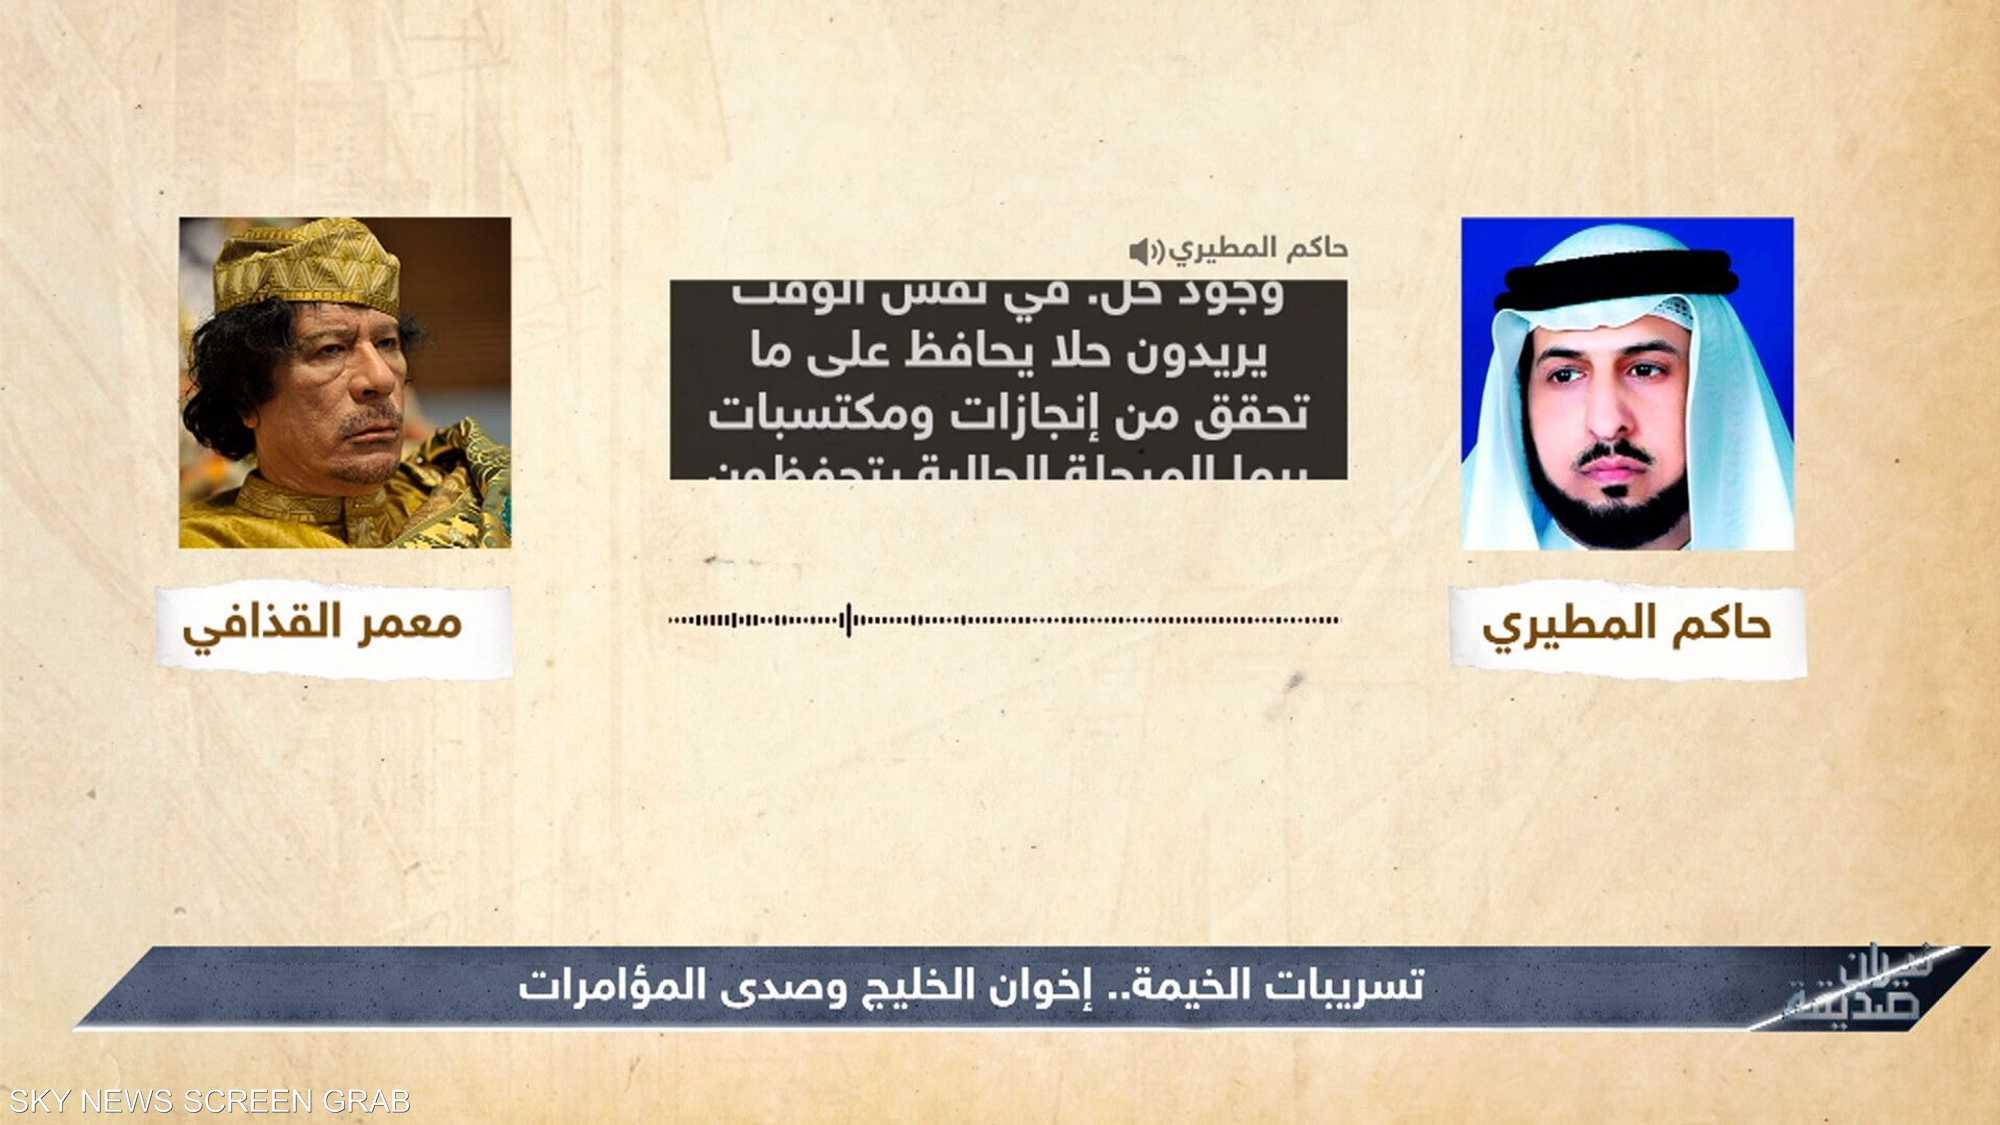 تسريبات الخيمة.. إخوان الخليج وصدى المؤامرات